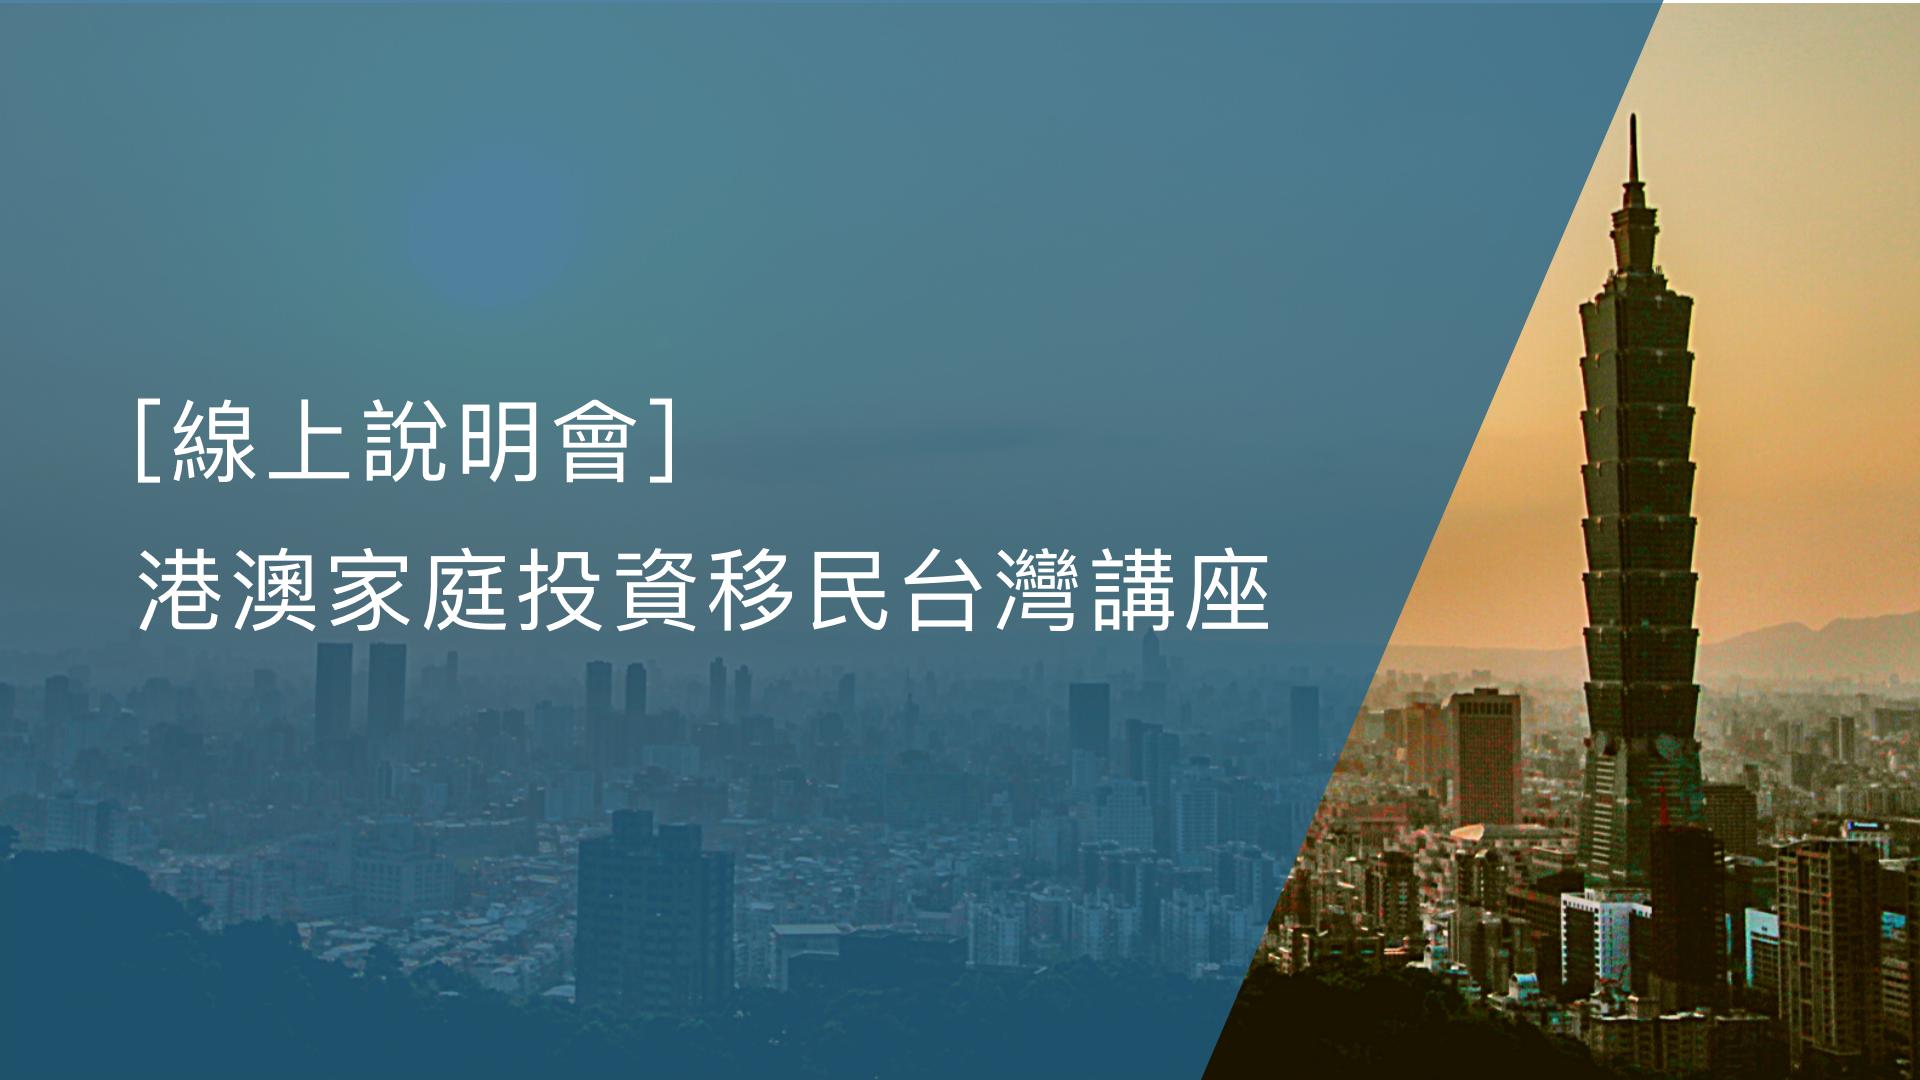 台灣投資移民線上說明會